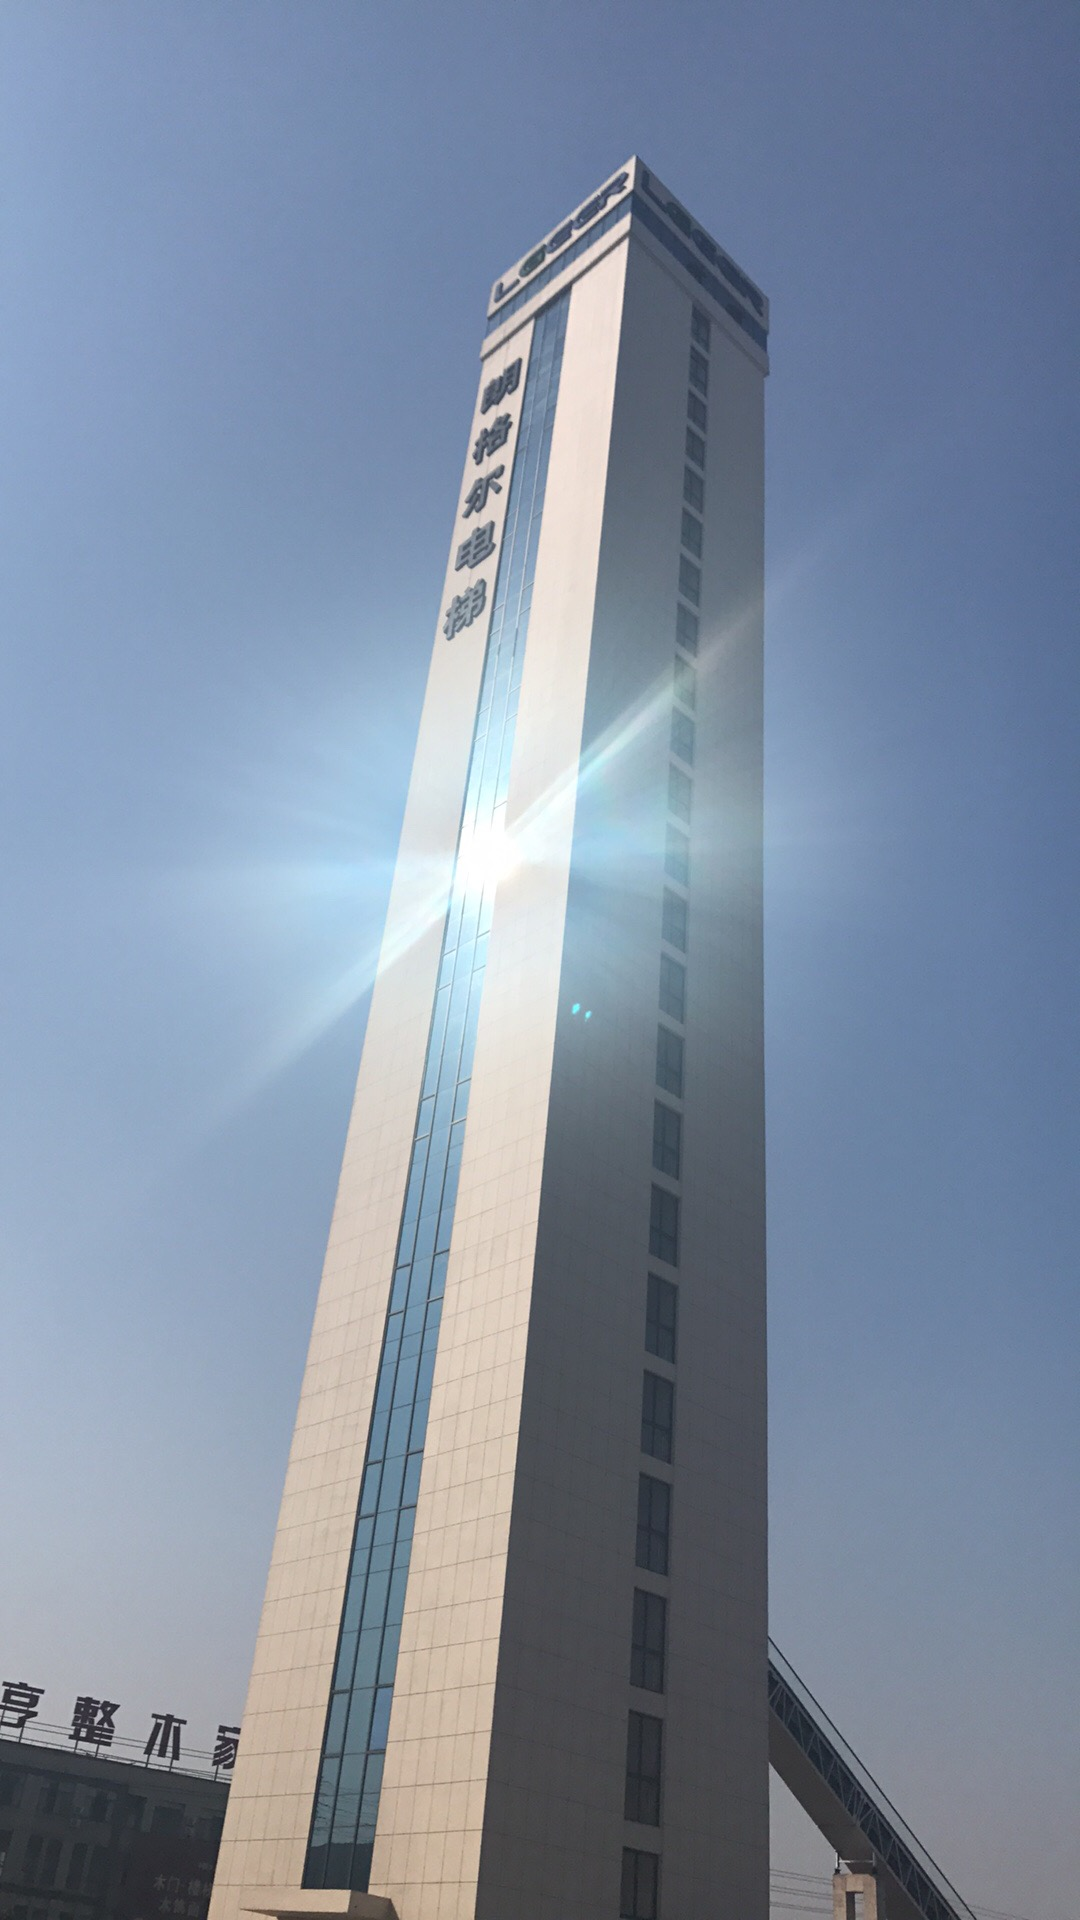 LGEER TESTING TOWER